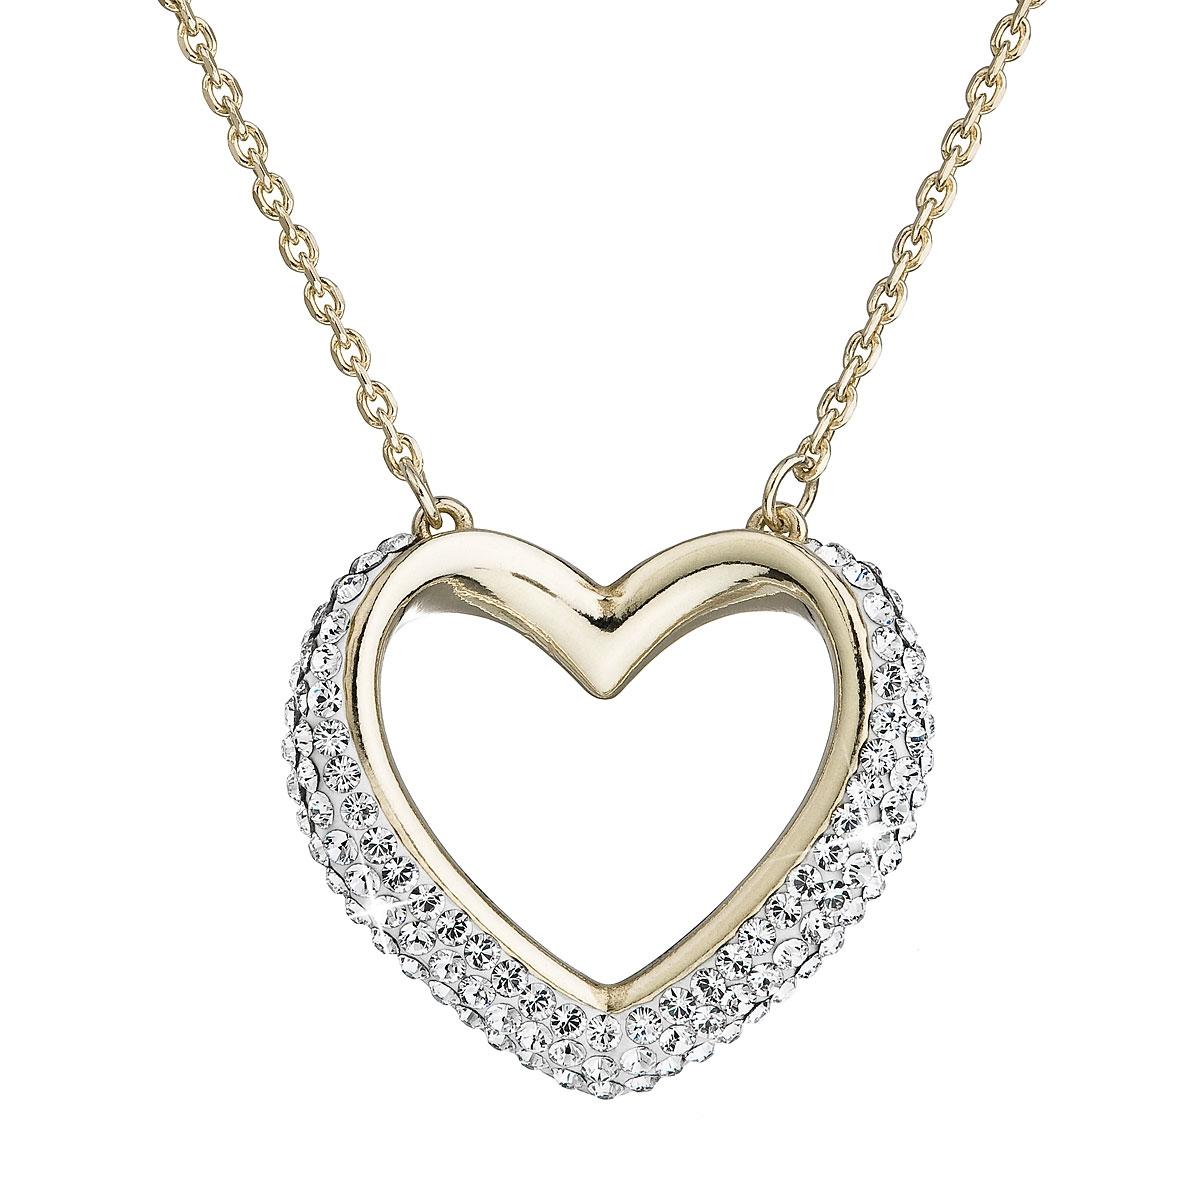 Strieborný náhrdelník s kryštálmi Swarovski biele srdce kryštál gold